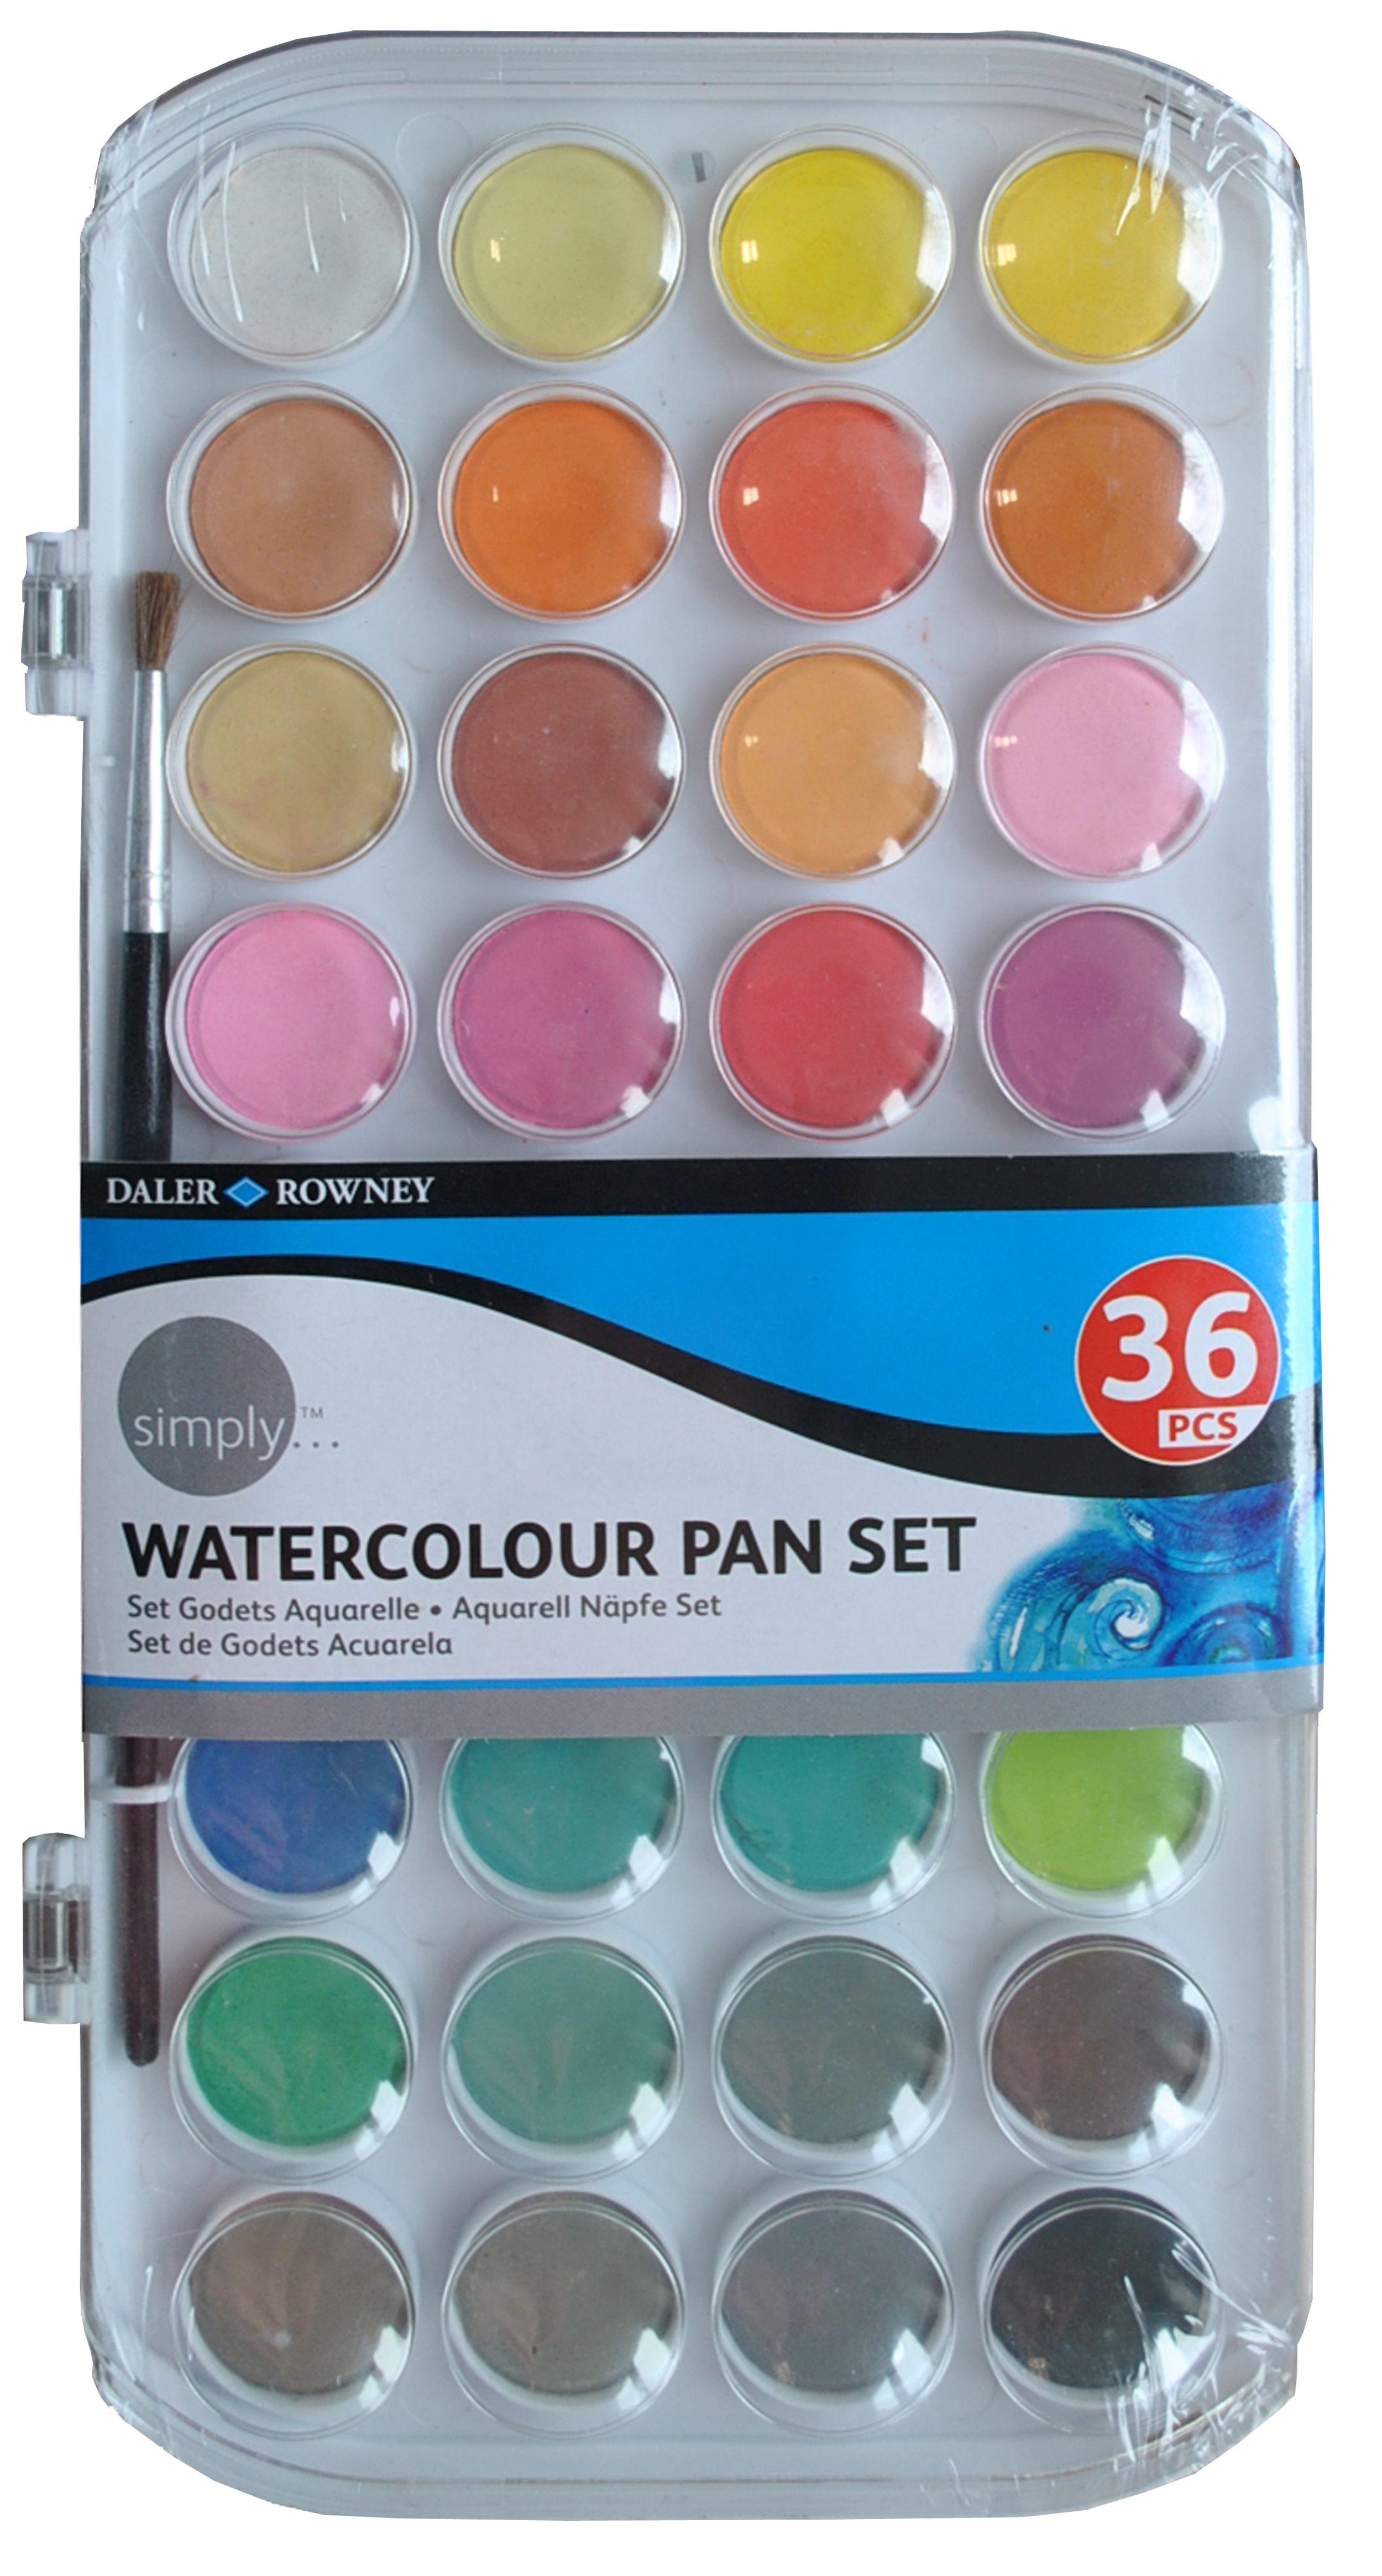 Daler Rowney Watercolor : daler, rowney, watercolor, Simply, Watercolour, Daler, Rowney, Watercolor, Paint, Pans,